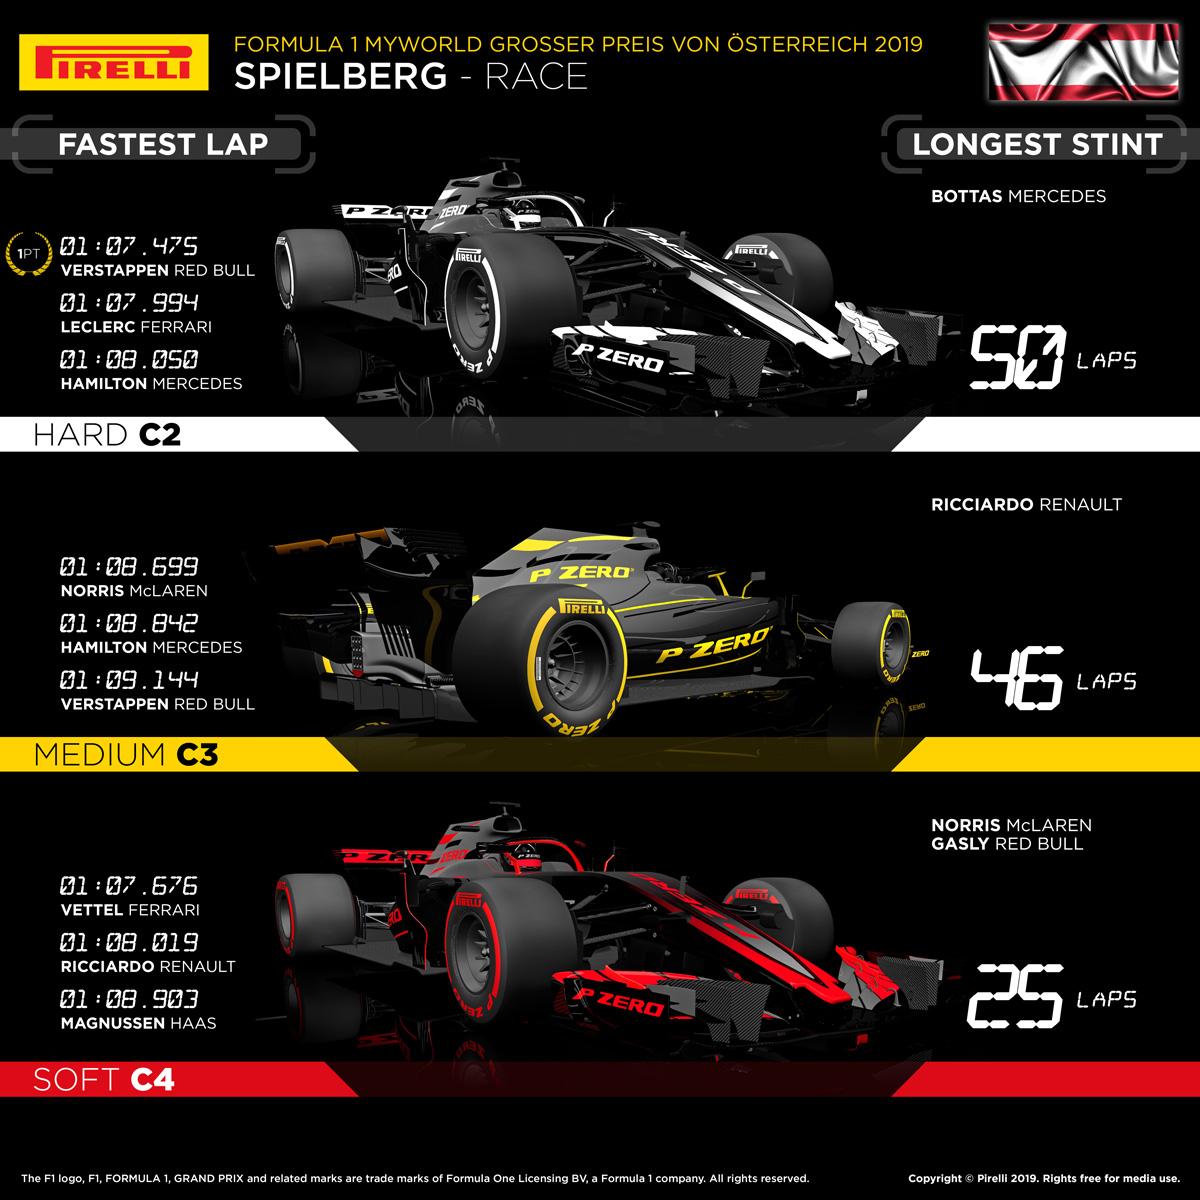 2019 F1 オーストリアグランプリ